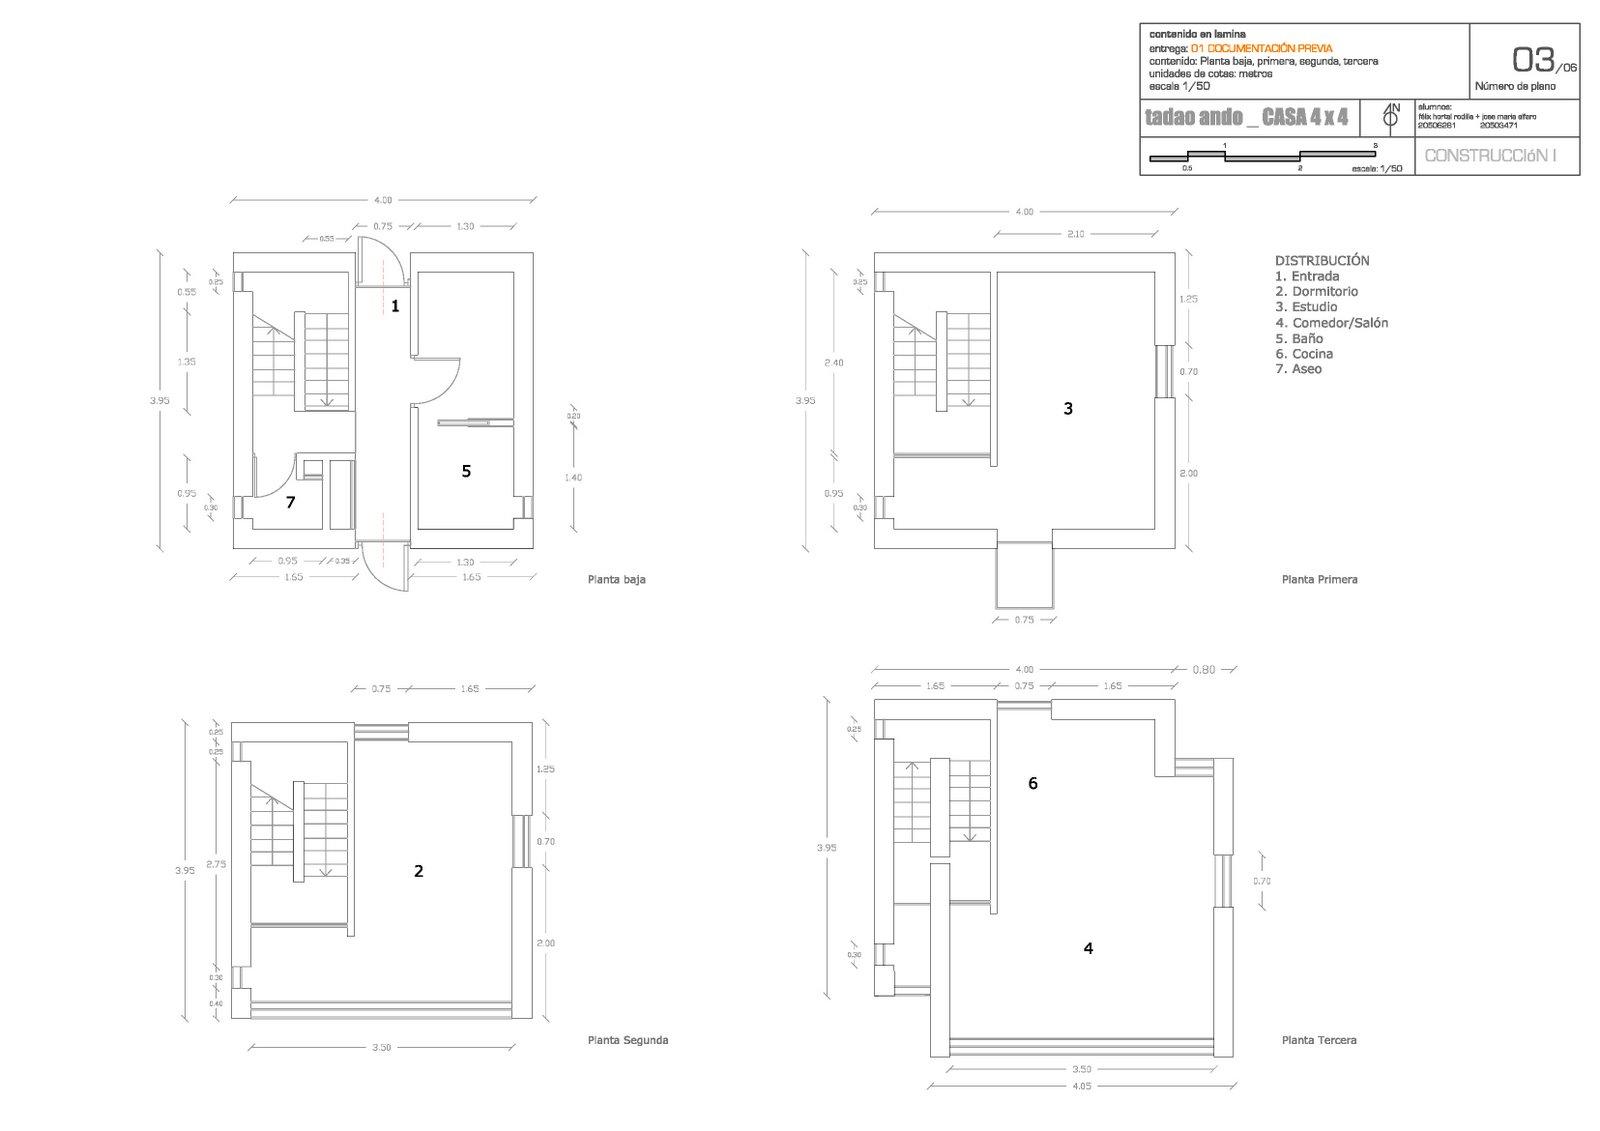 Casa 4x4 Tadao Ando casa 4x4  Tadao Ando